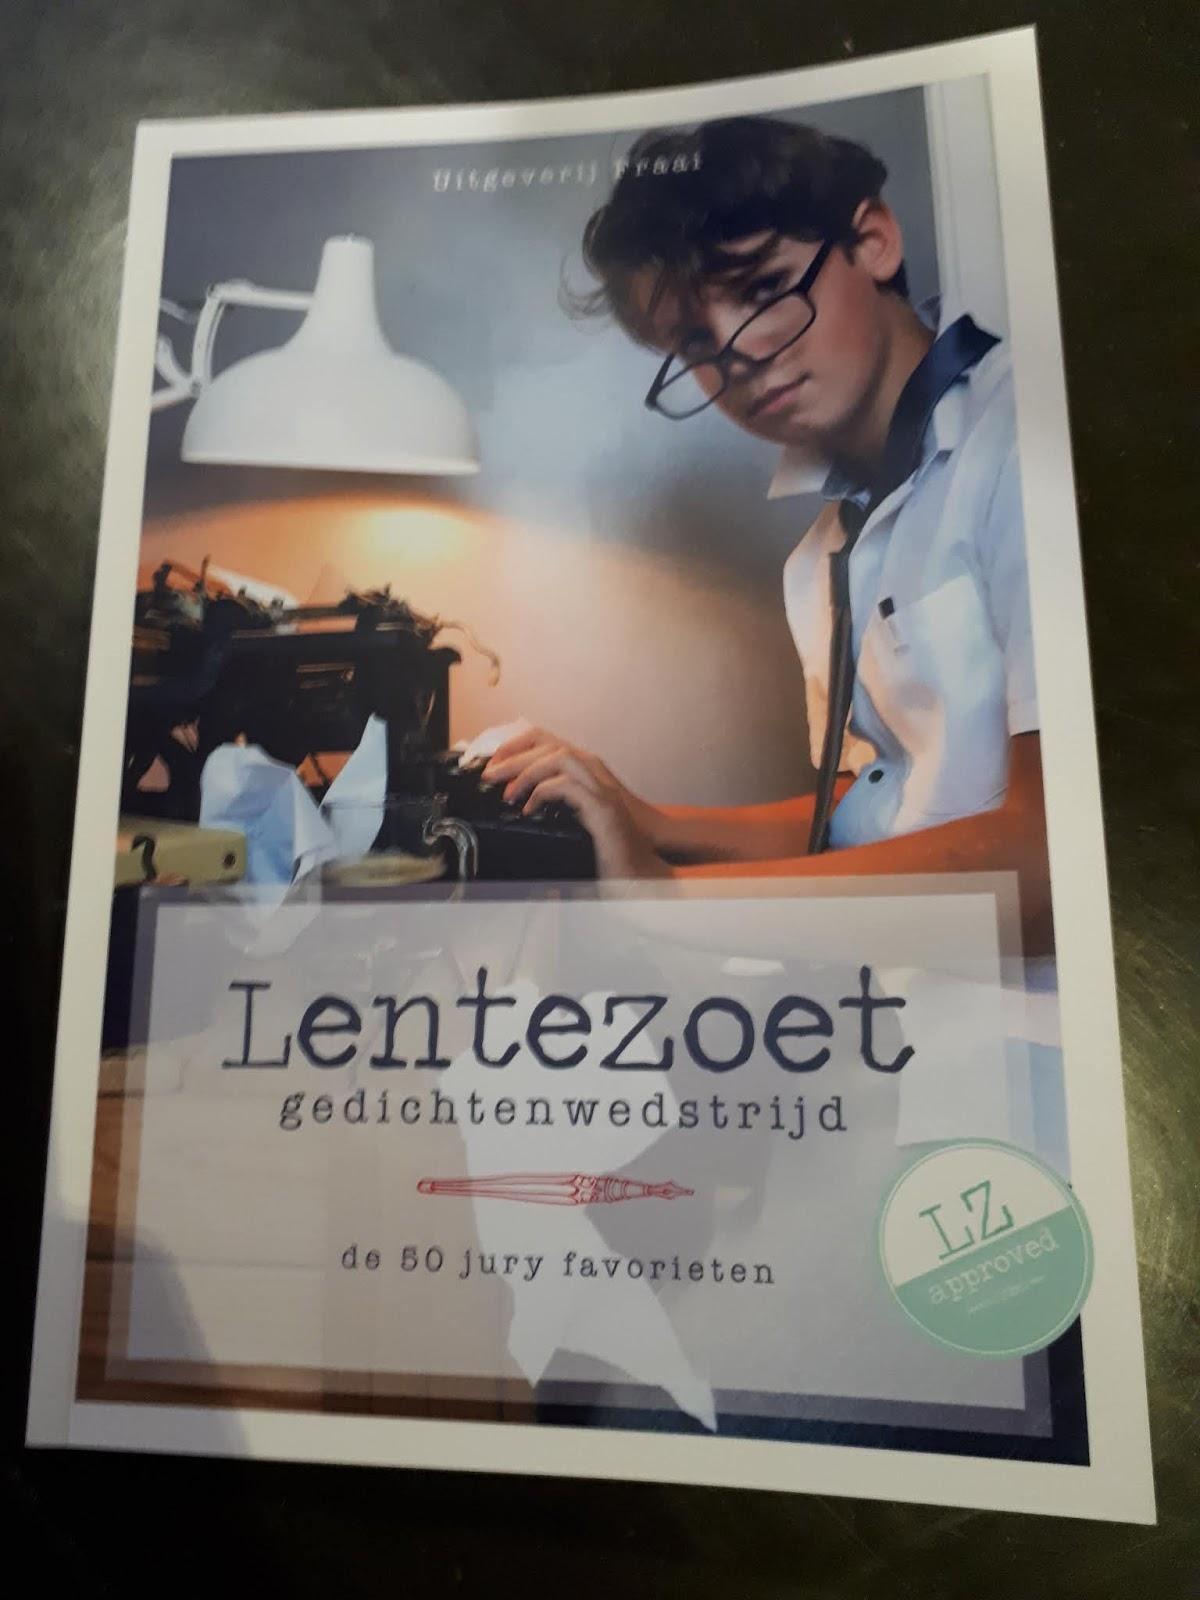 Wat Ik Nou Vind Van Lentezoet Gedichtenwedstrijd De 50 Jury